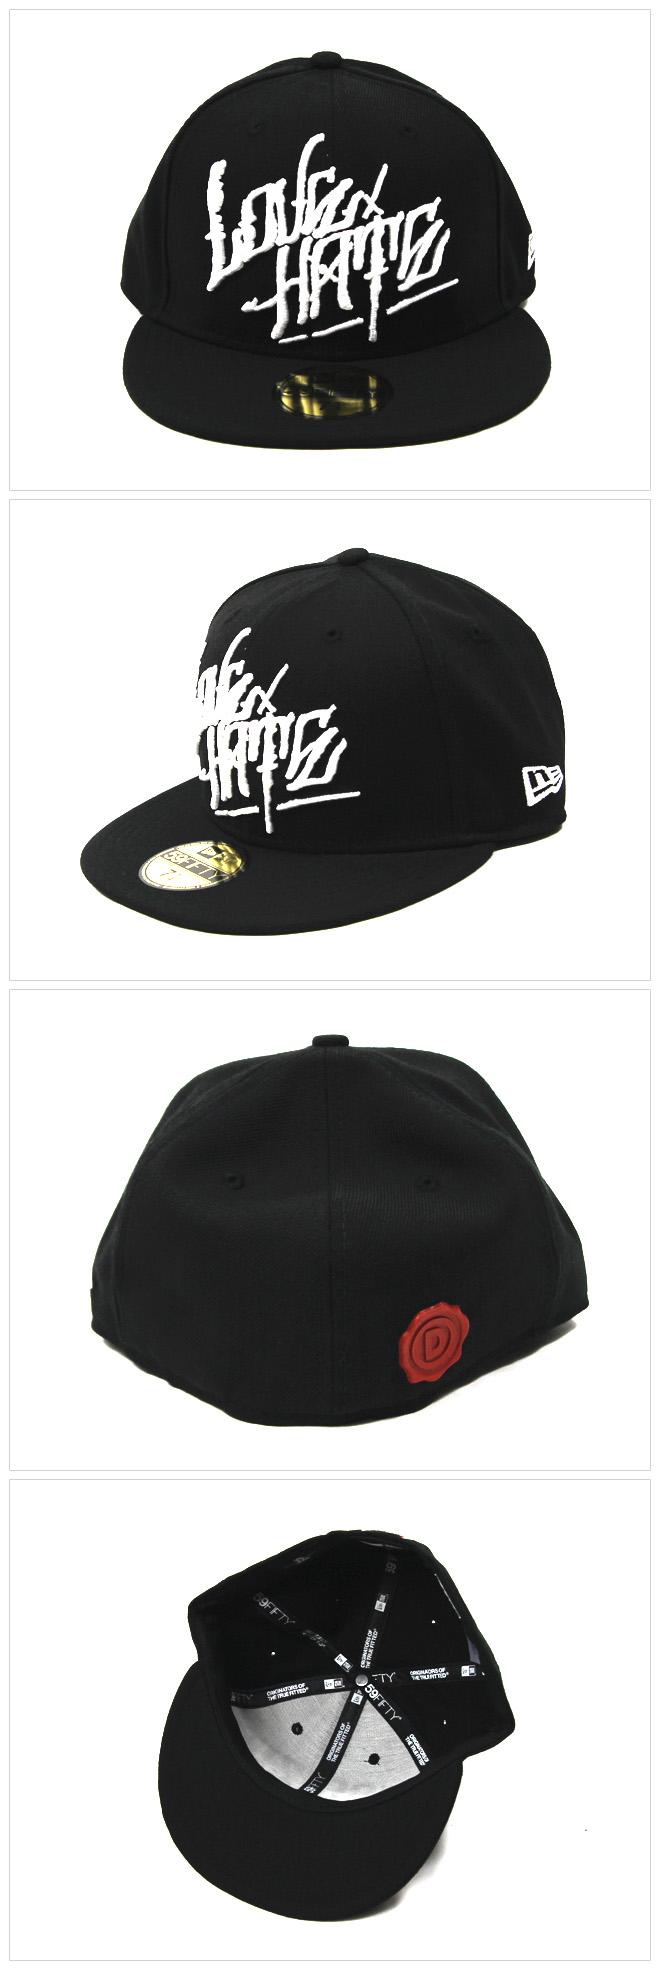 [디씨짓] DISSIZIT! LOVE HATE NEW ERA CAP